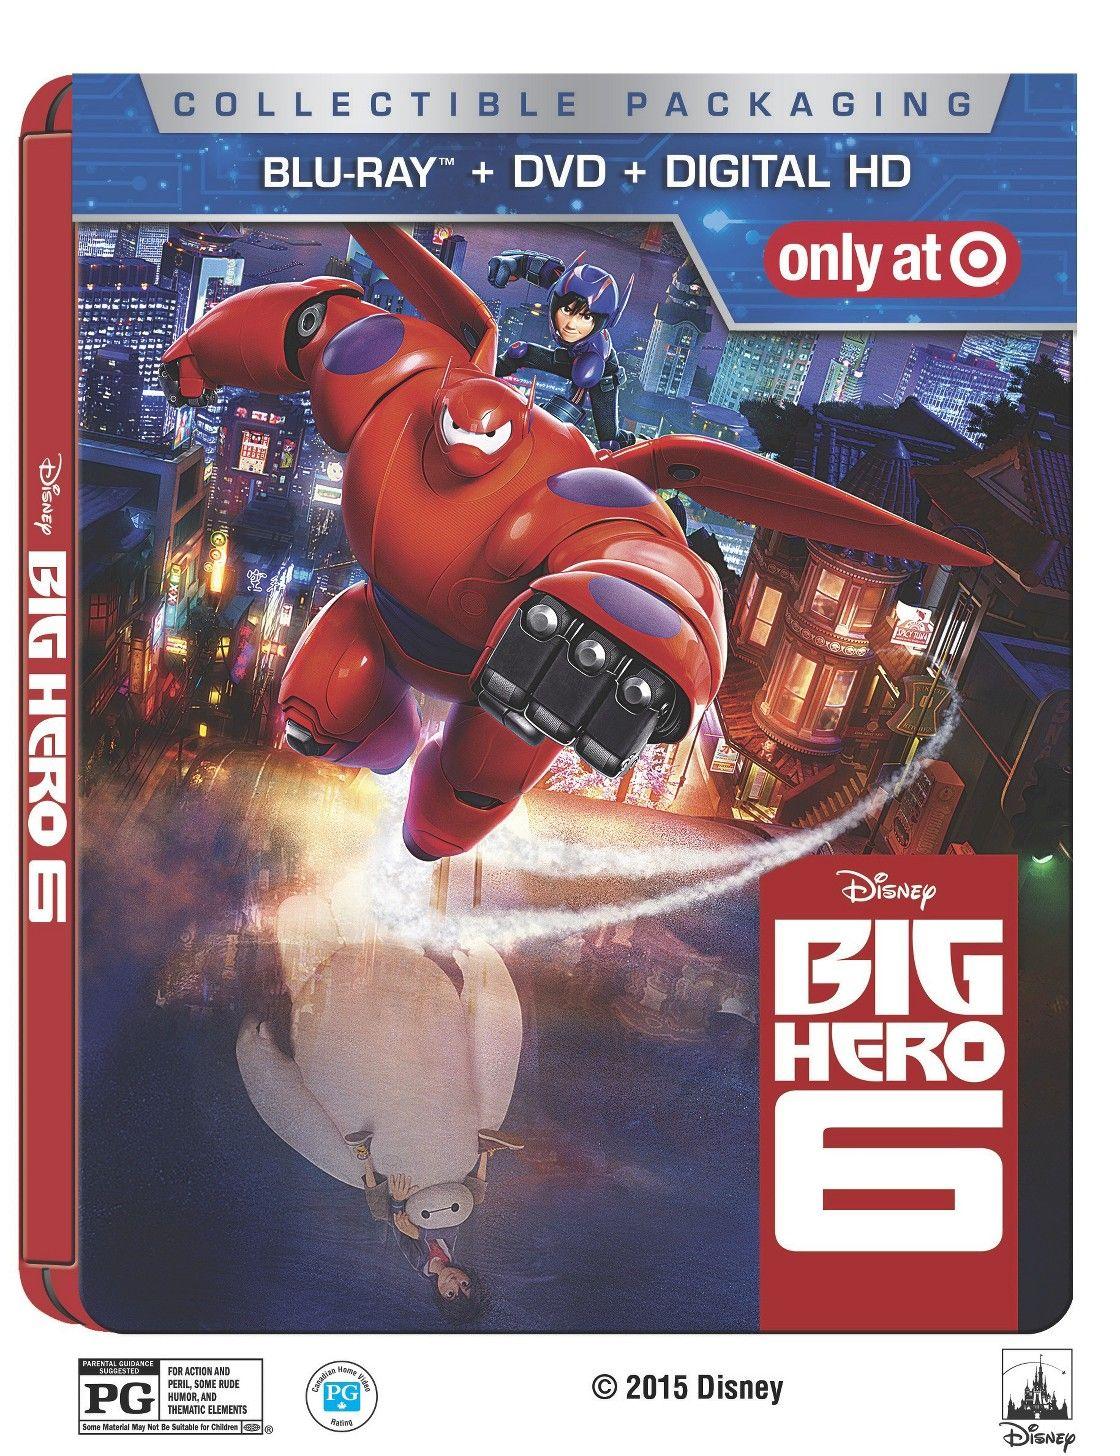 Target Monthly Box: Big Hero 6 (SteelBook) (Blu-ray DVD Digital)